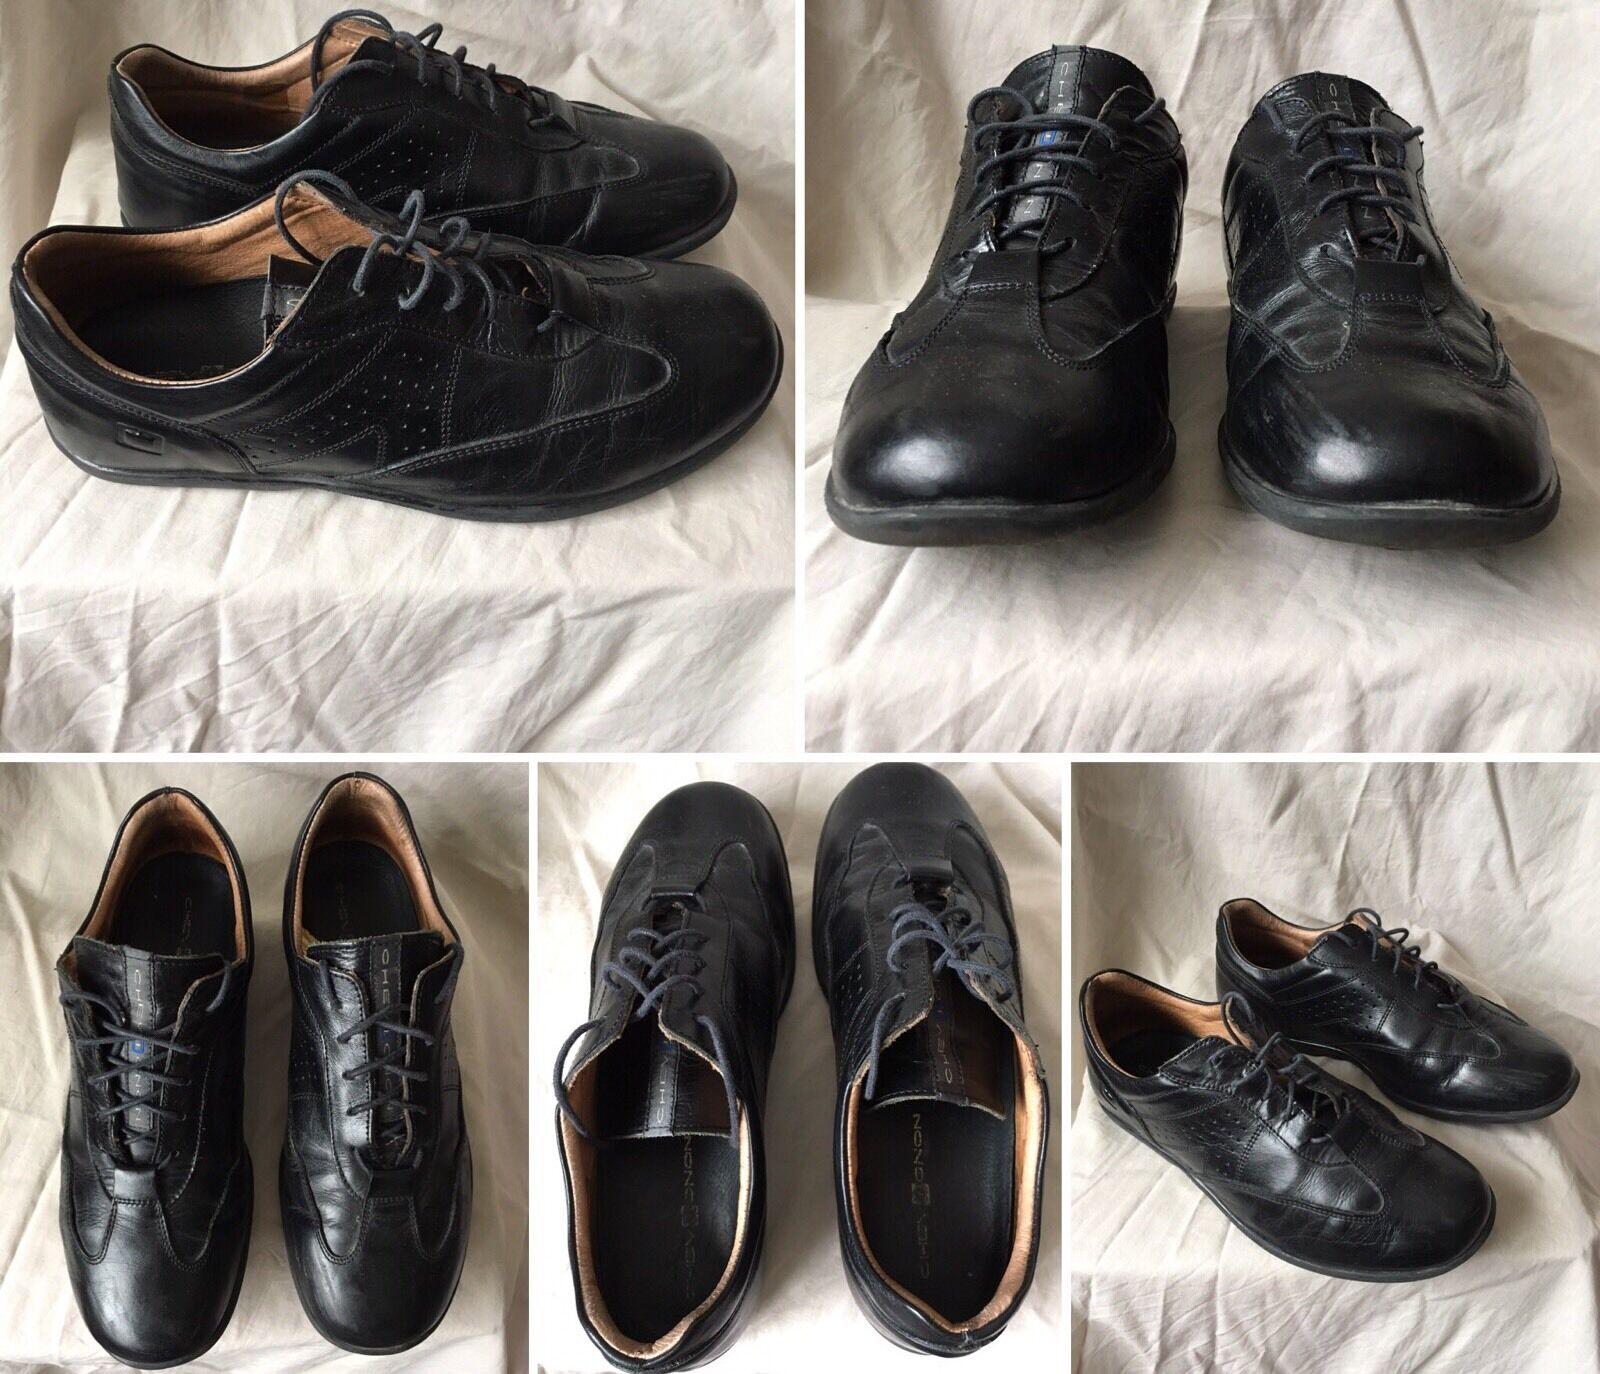 DS GENUINE CHEVIGNON LEATHER  Negro 41  Zapatos Zapatos Talla 41 Negro a7f3e5